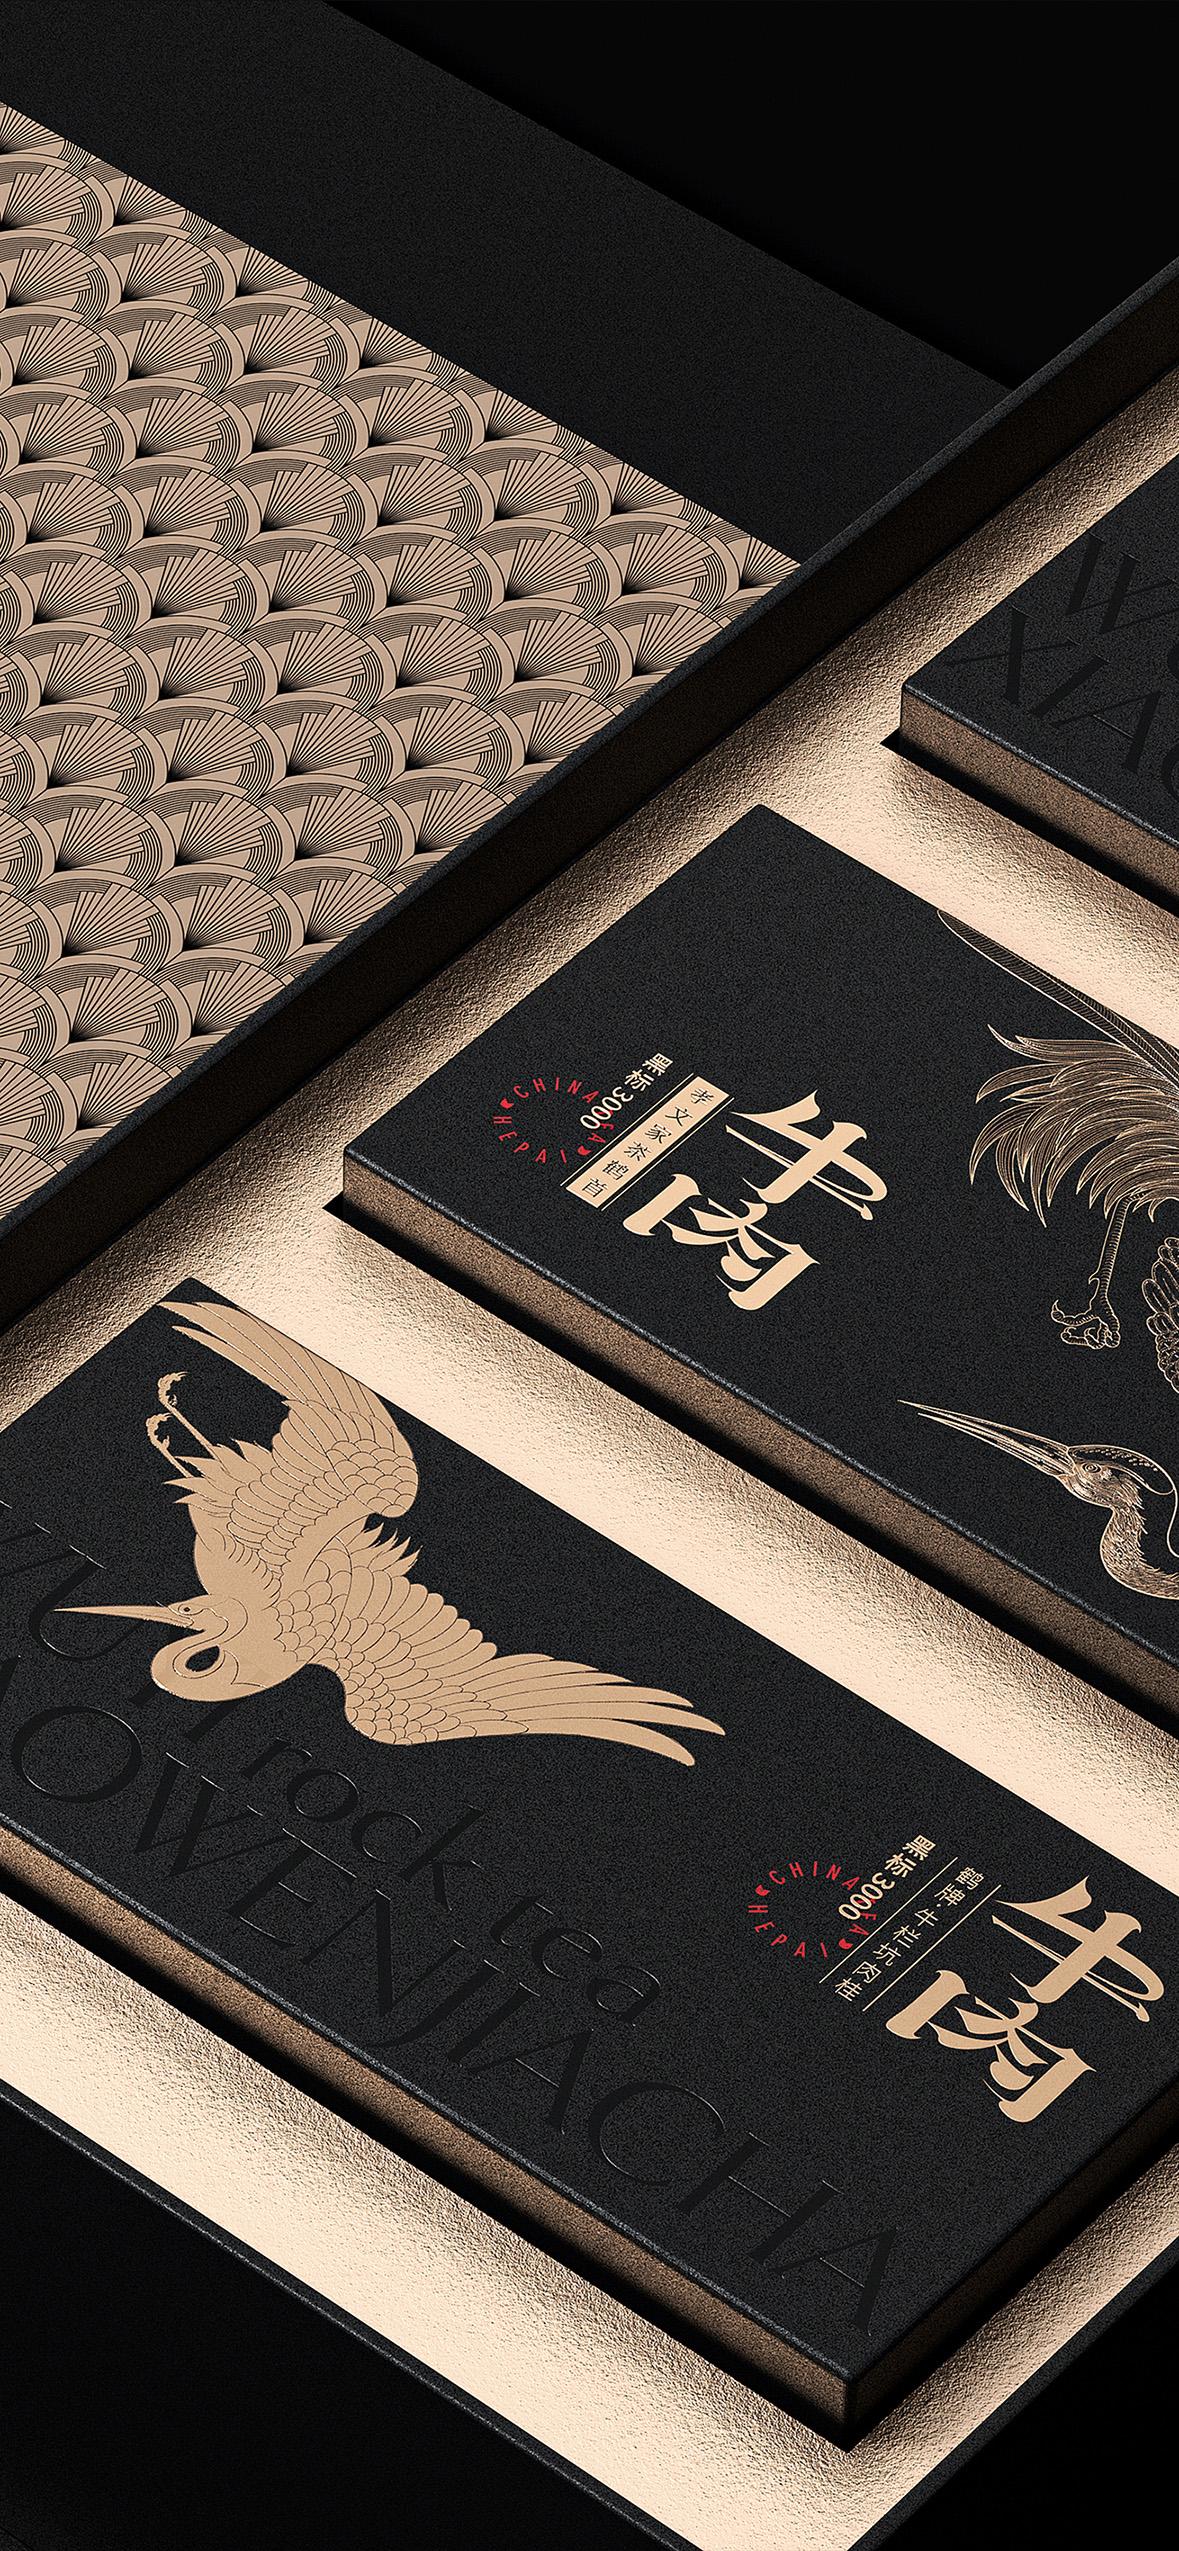 孝文家茶×古戈丨茶饮,精致状态